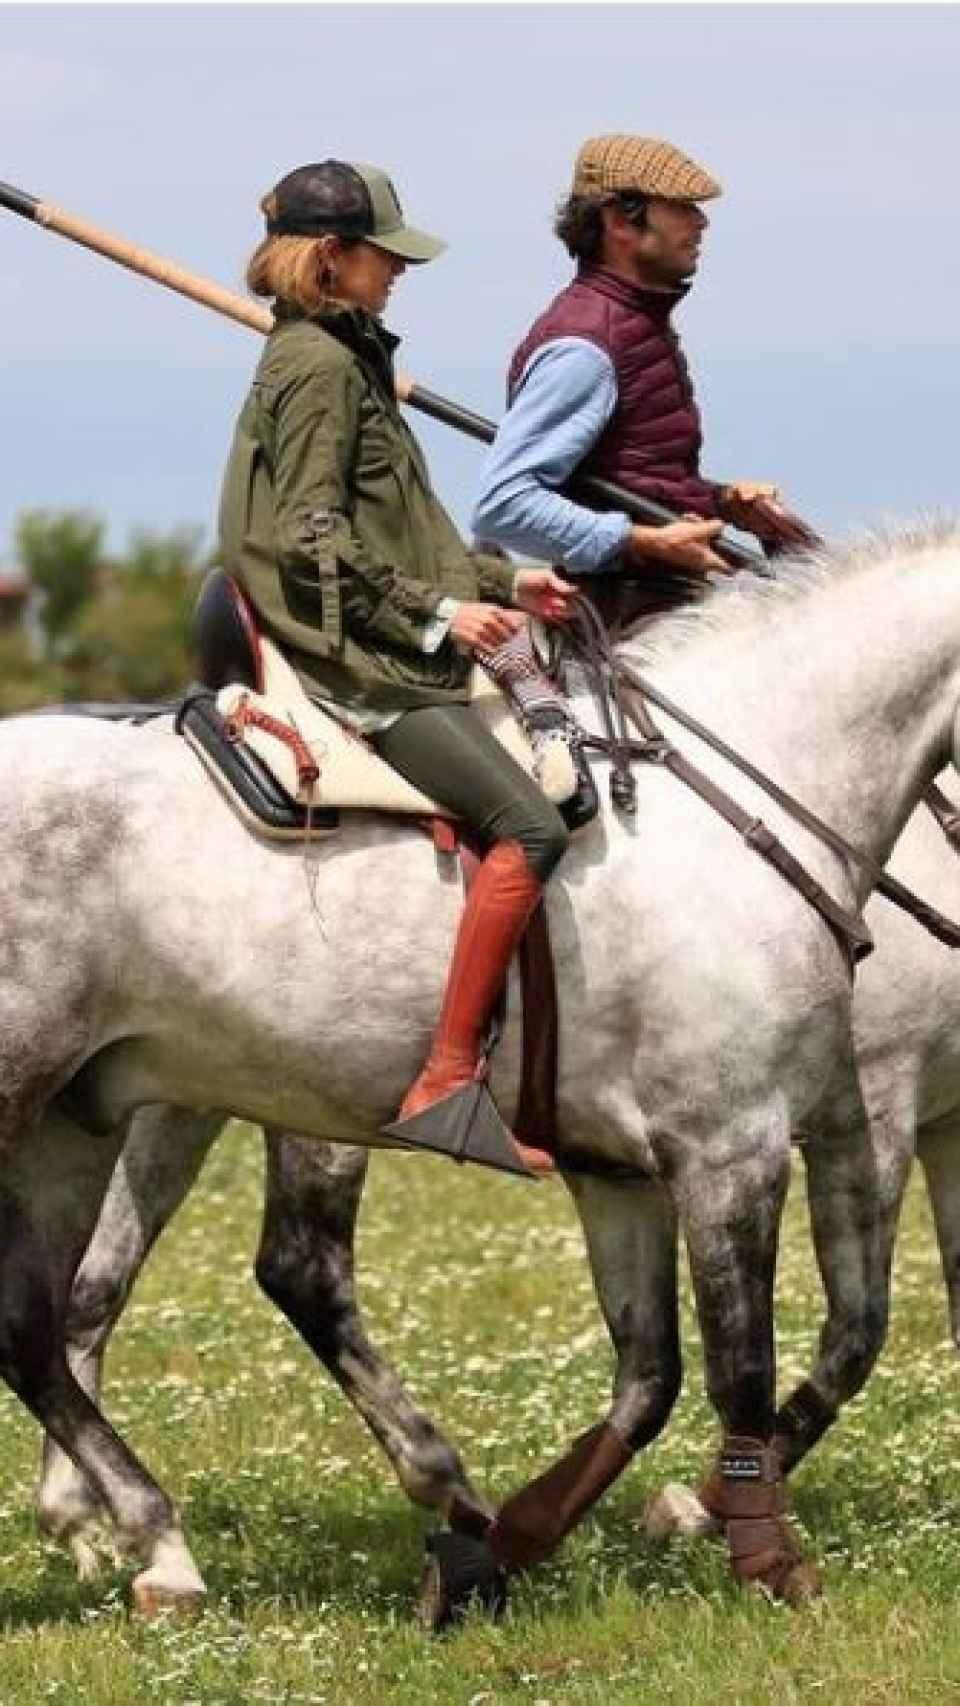 Canales e Isabel montando a caballo.